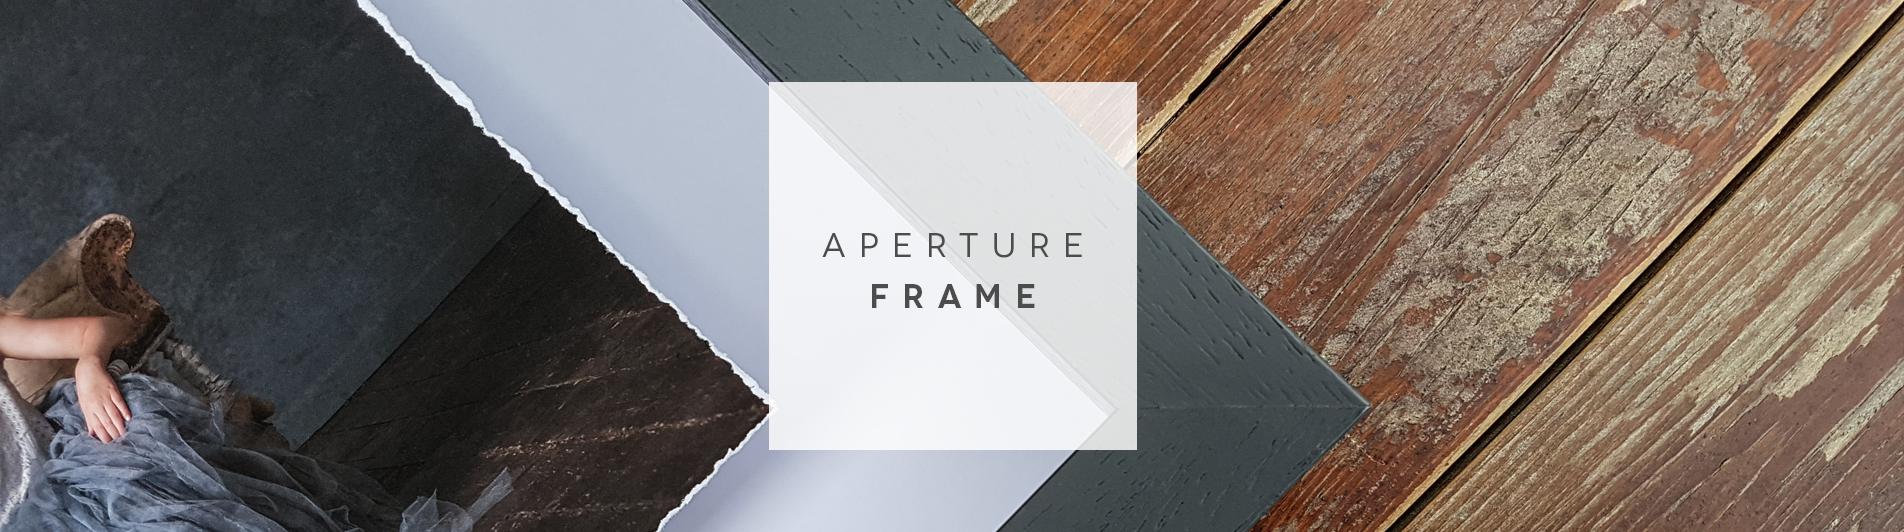 aperture frame detail header image